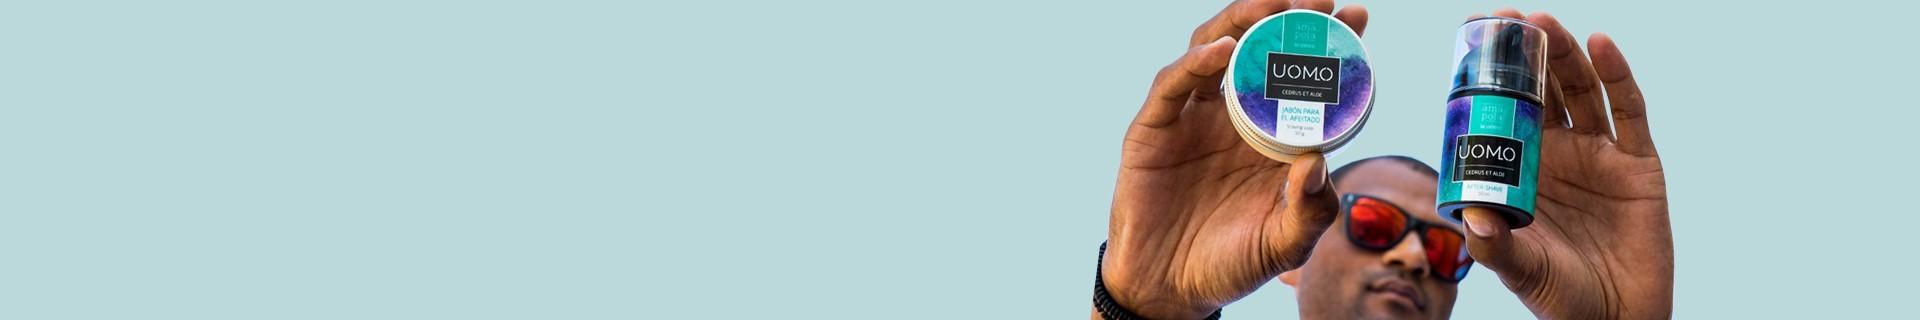 Cuidado facial del hombre - Evita piel reseca e irritada - Amapola Bio